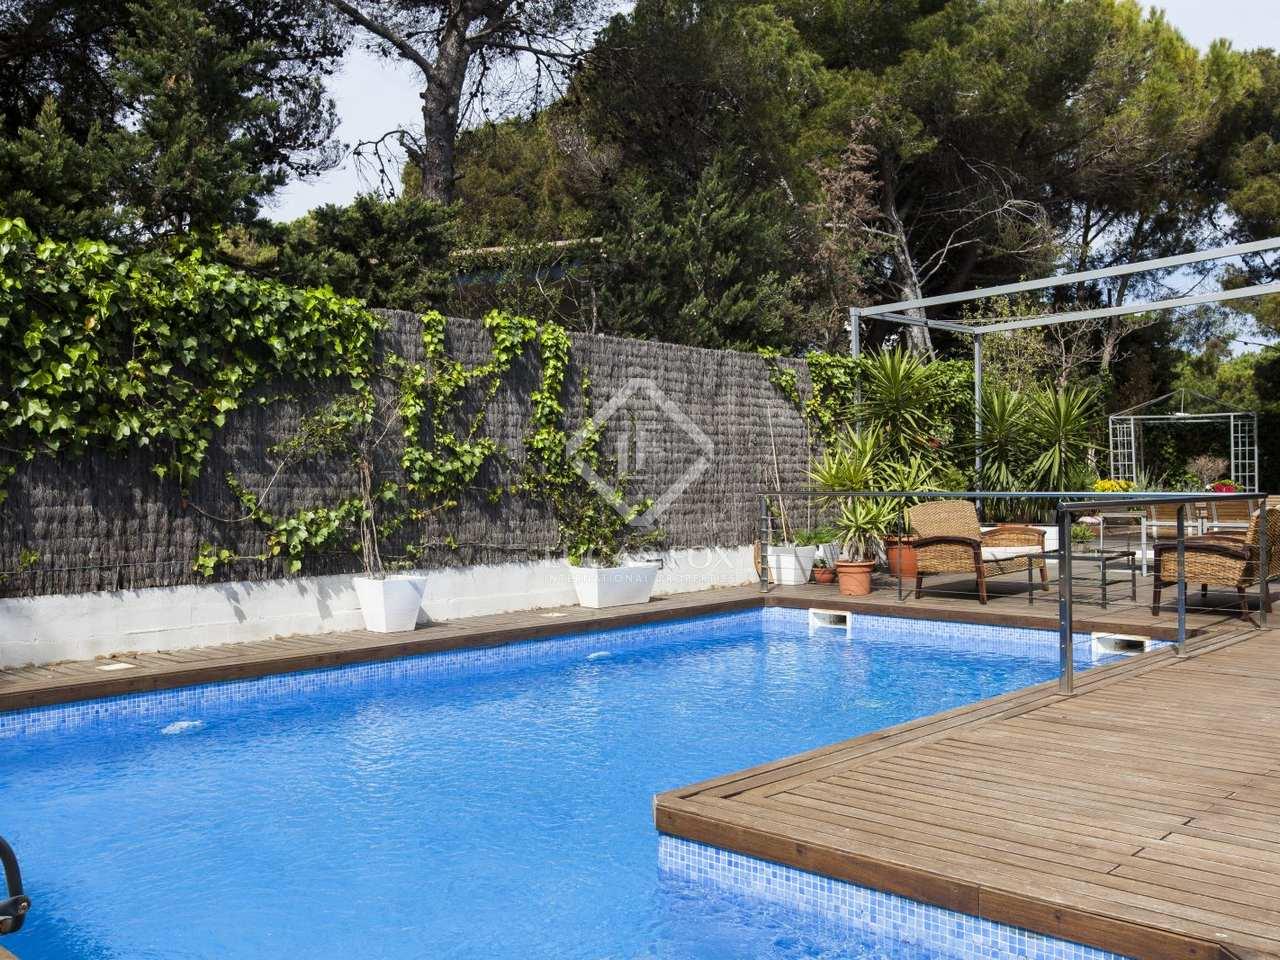 Villa moderna con piscina en venta en terramar sitges for Piscina sitges